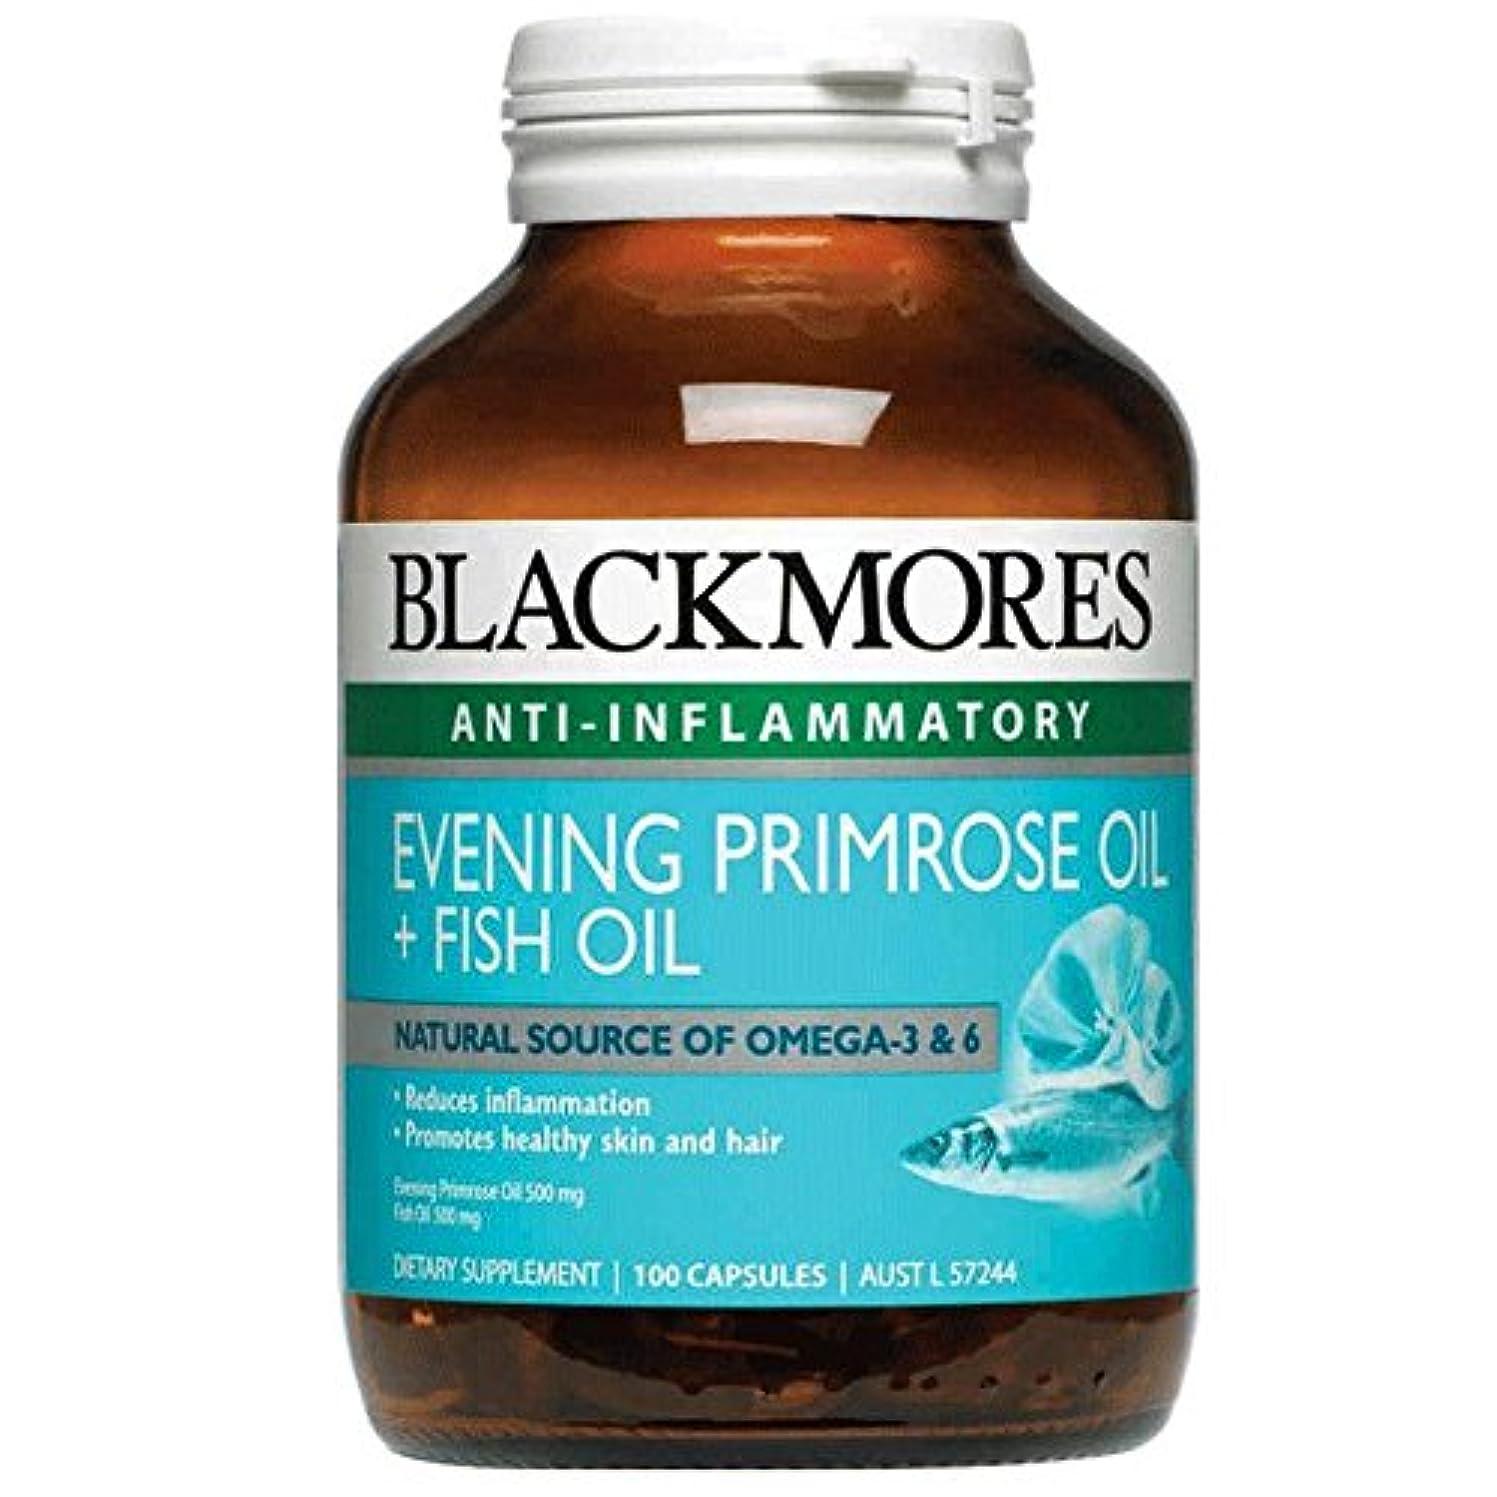 褐色アプローチ中絶Blackmores イブニング プリムローズオイル + フィッシュオイル 100錠【並行輸入品】【海外直送品】